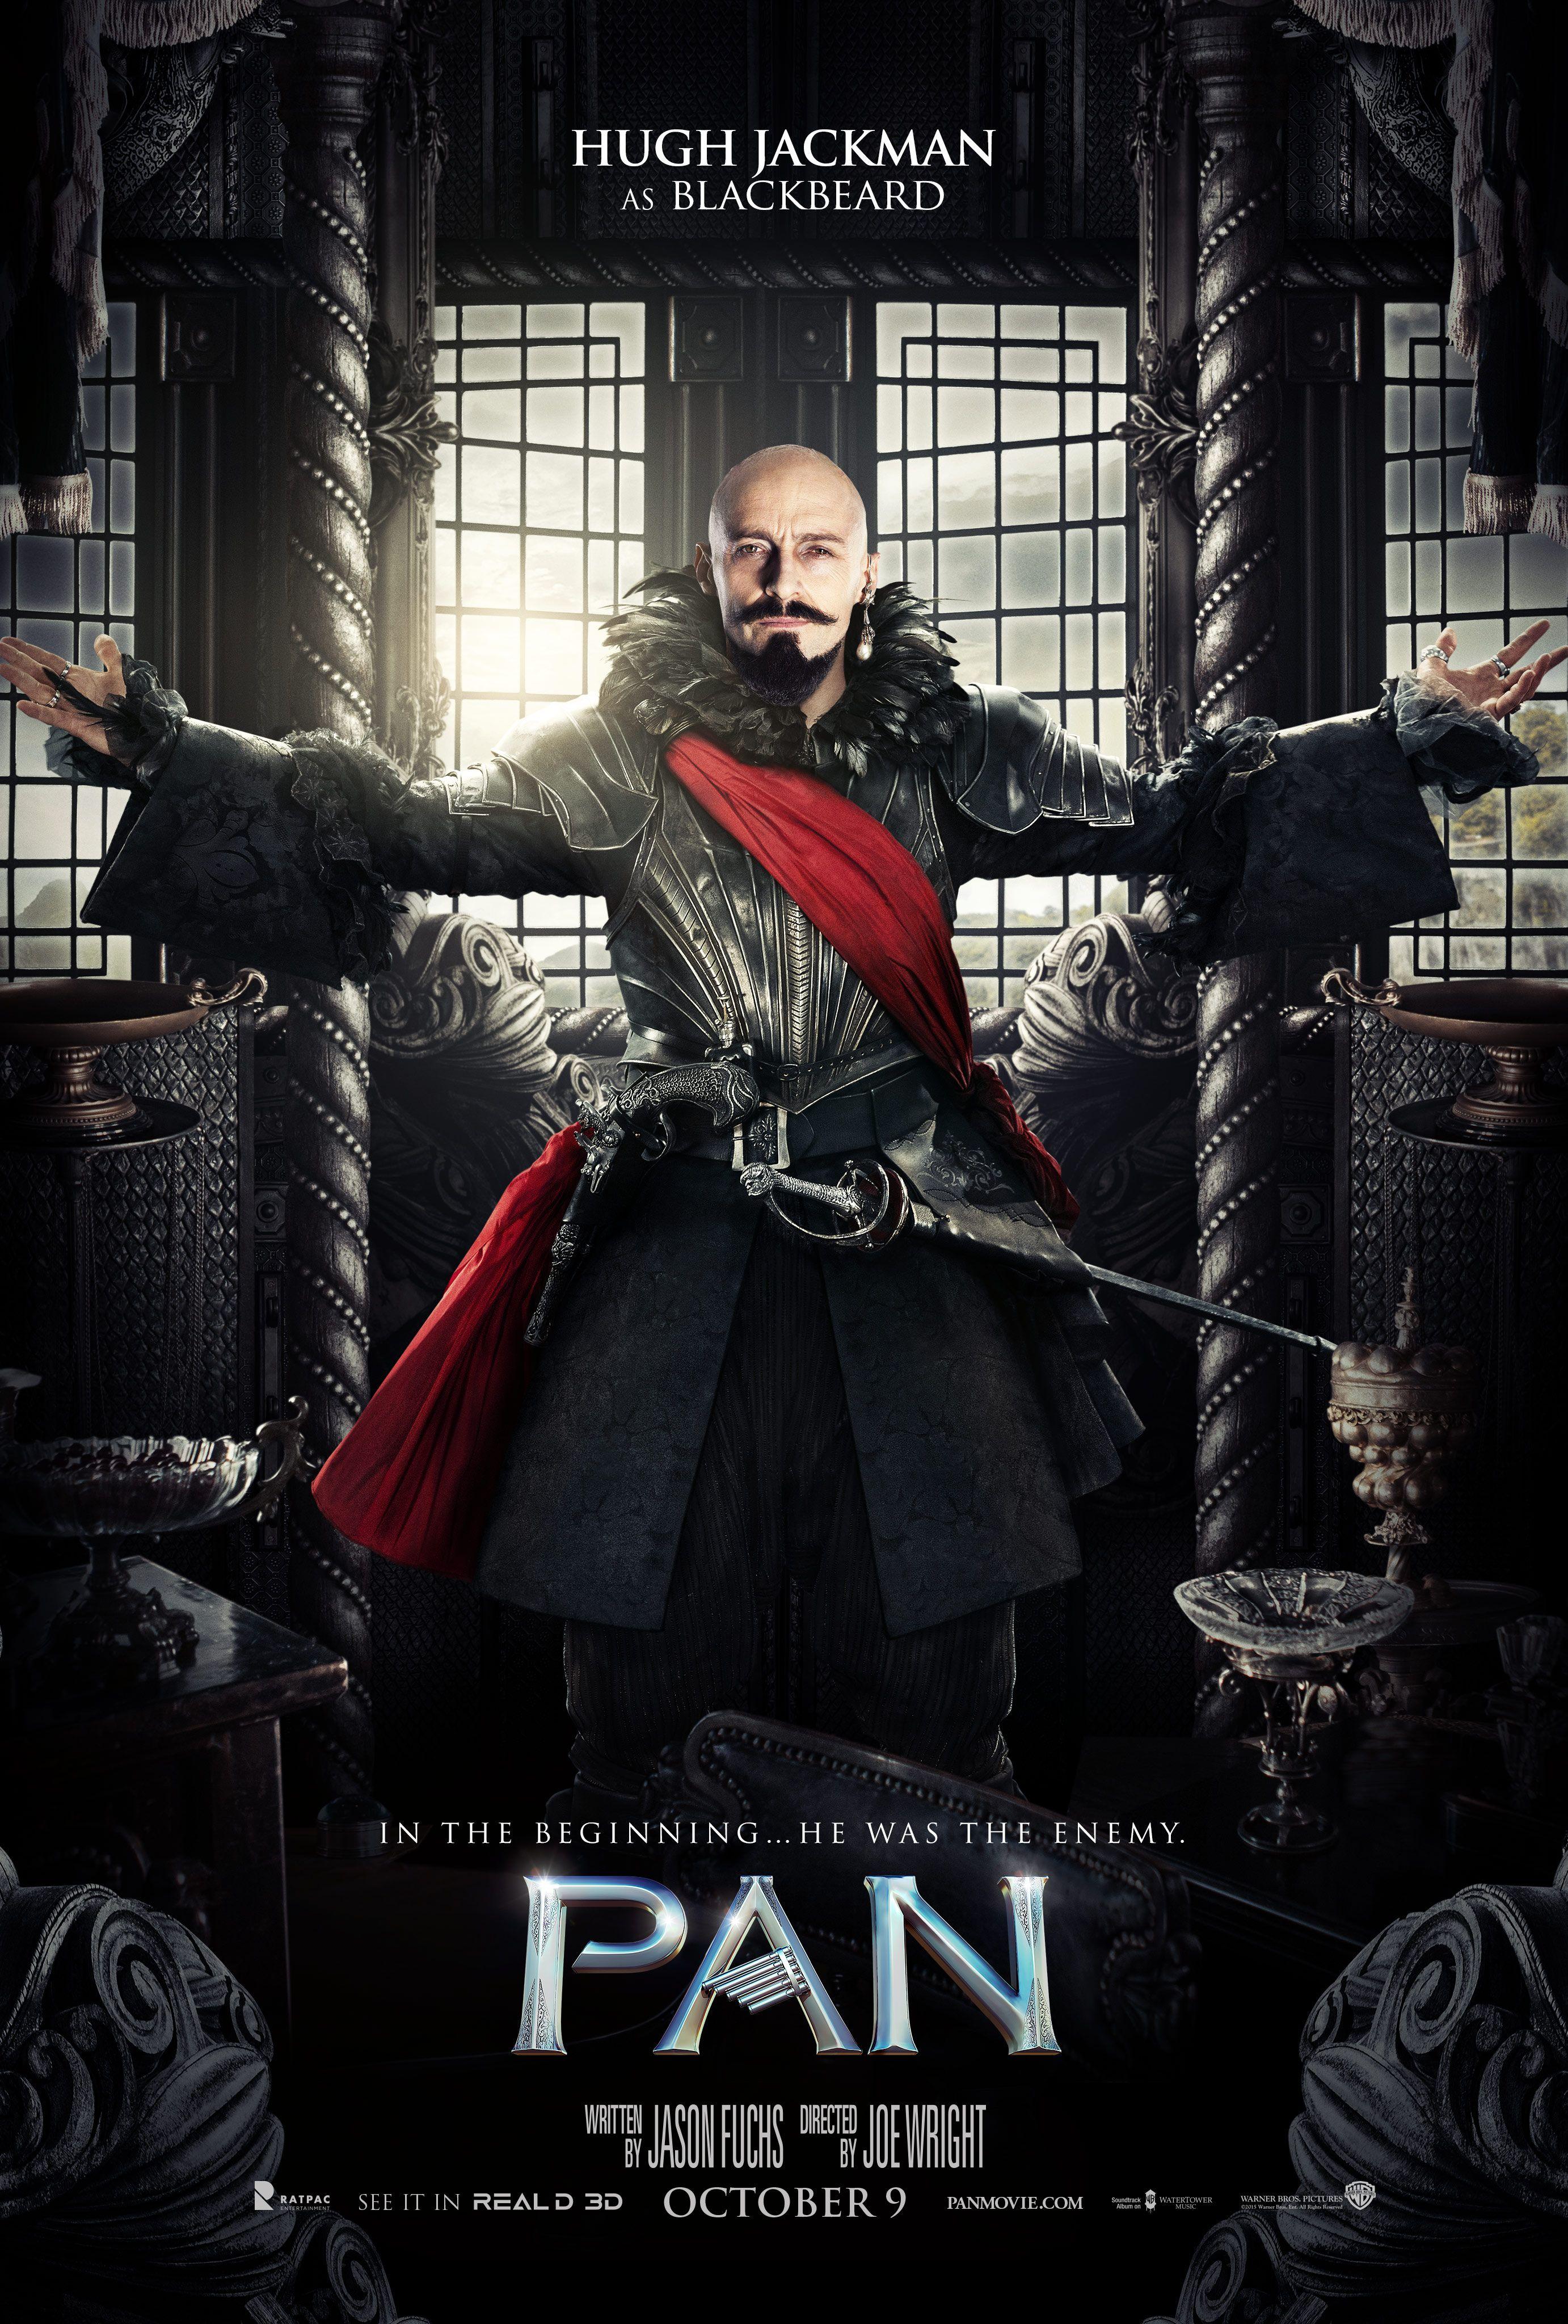 Pan Movie Poster Hugh Jackman